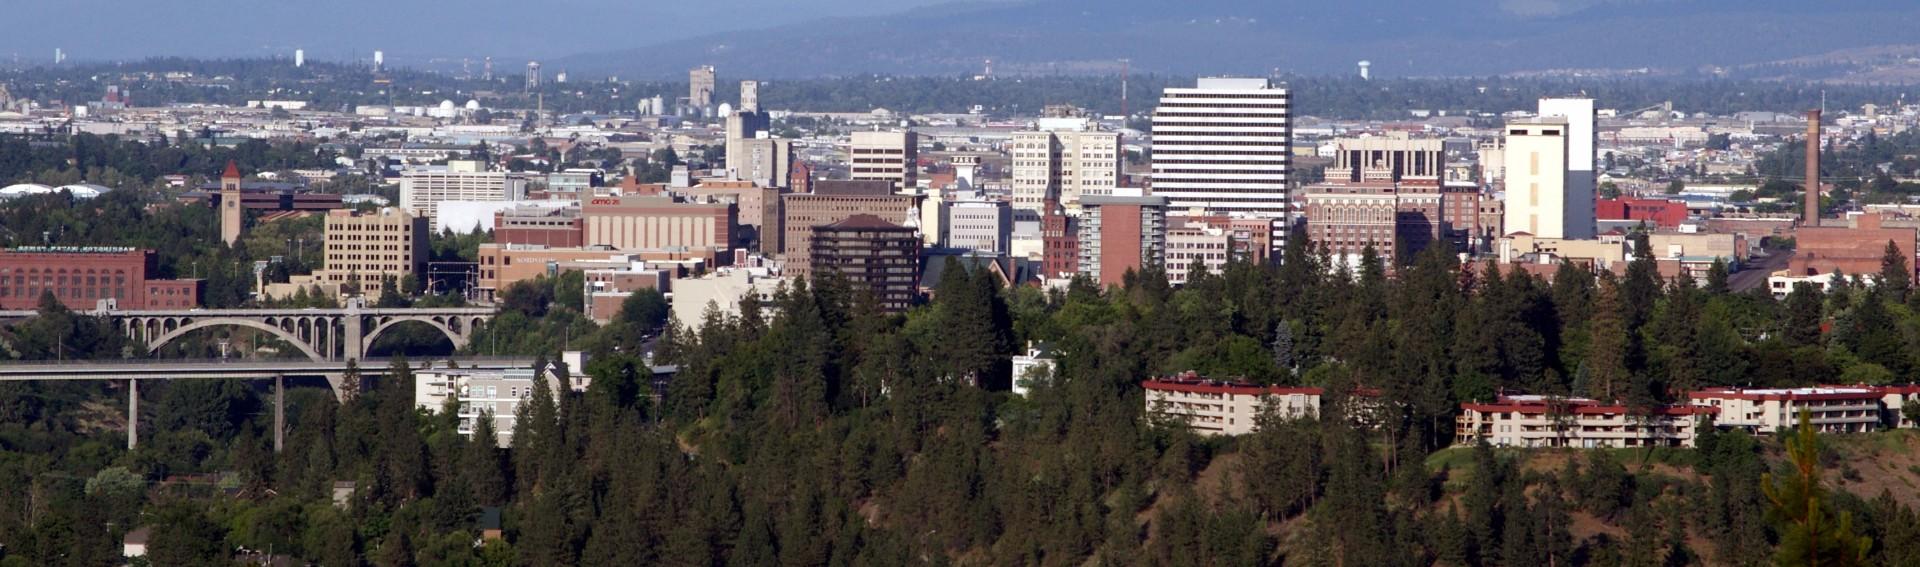 Spokane Population in 2017